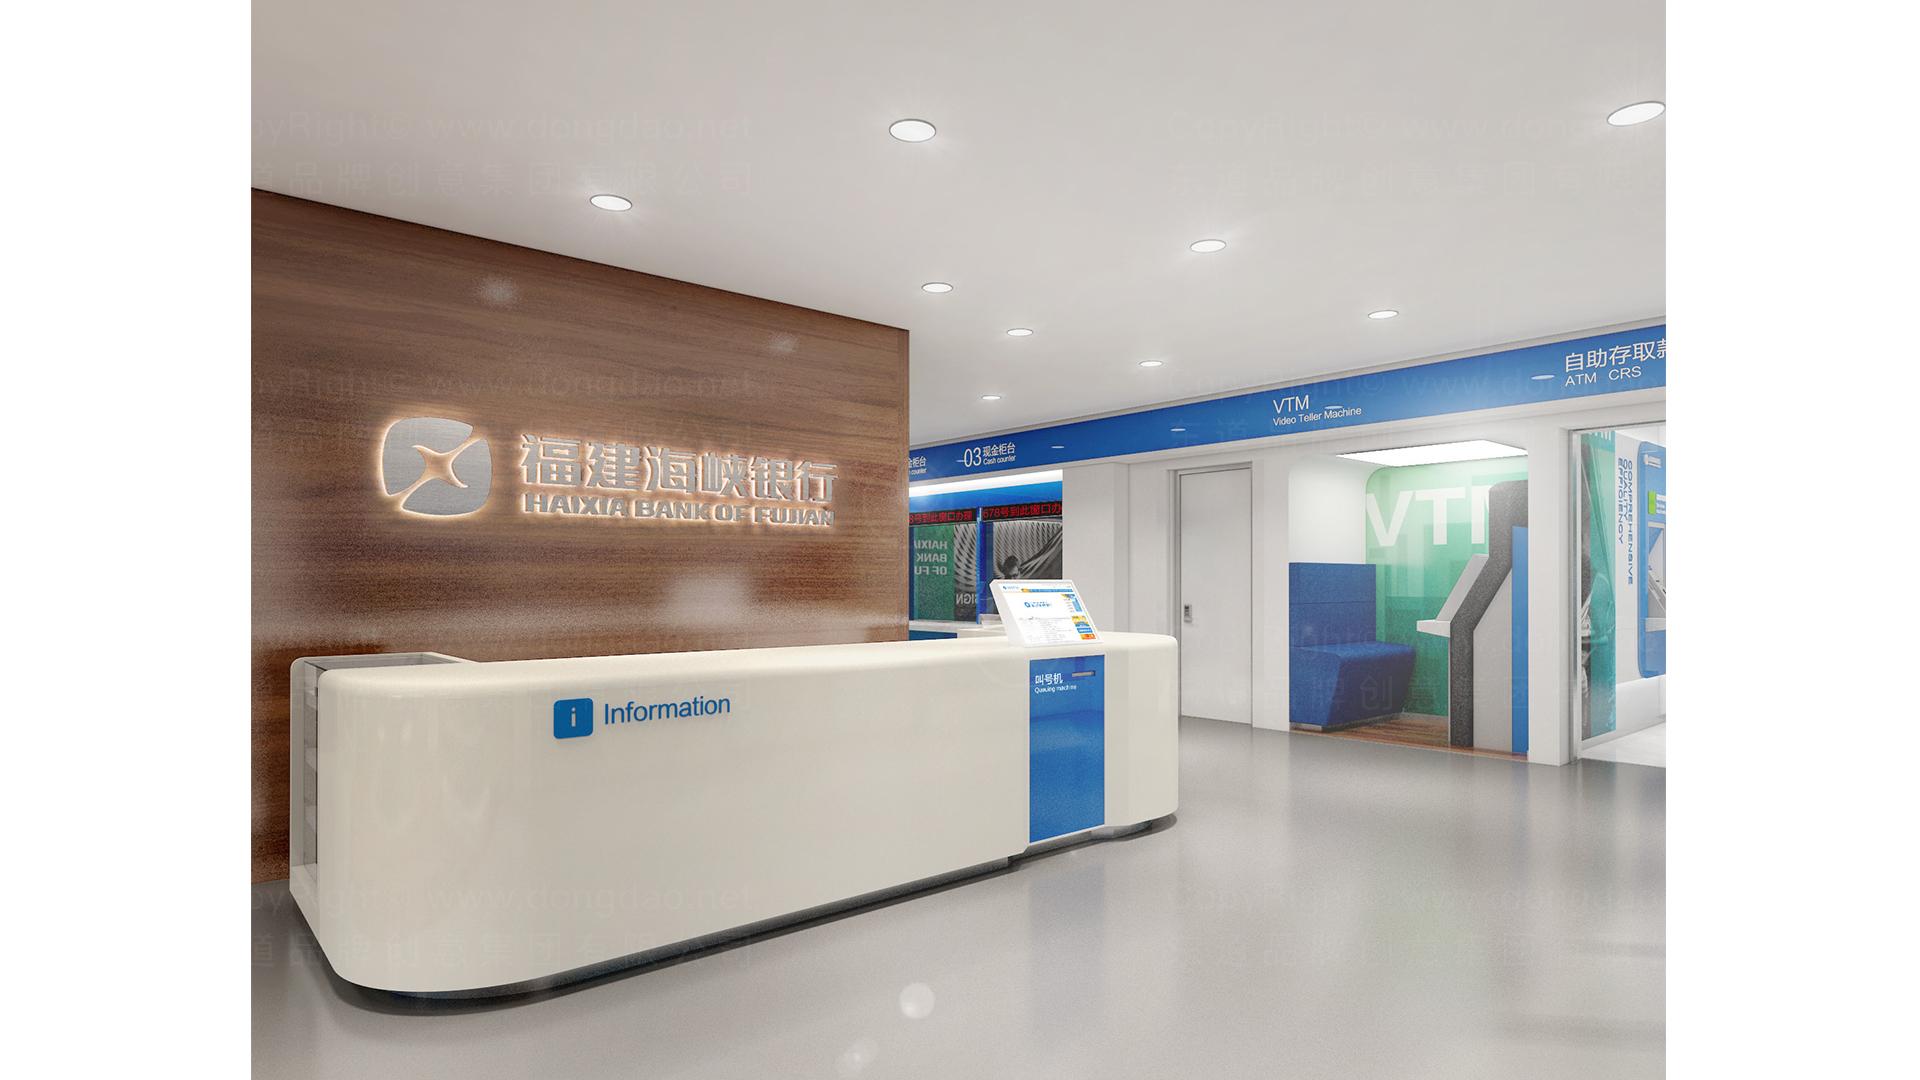 案例海峡银行银行网点SI设计